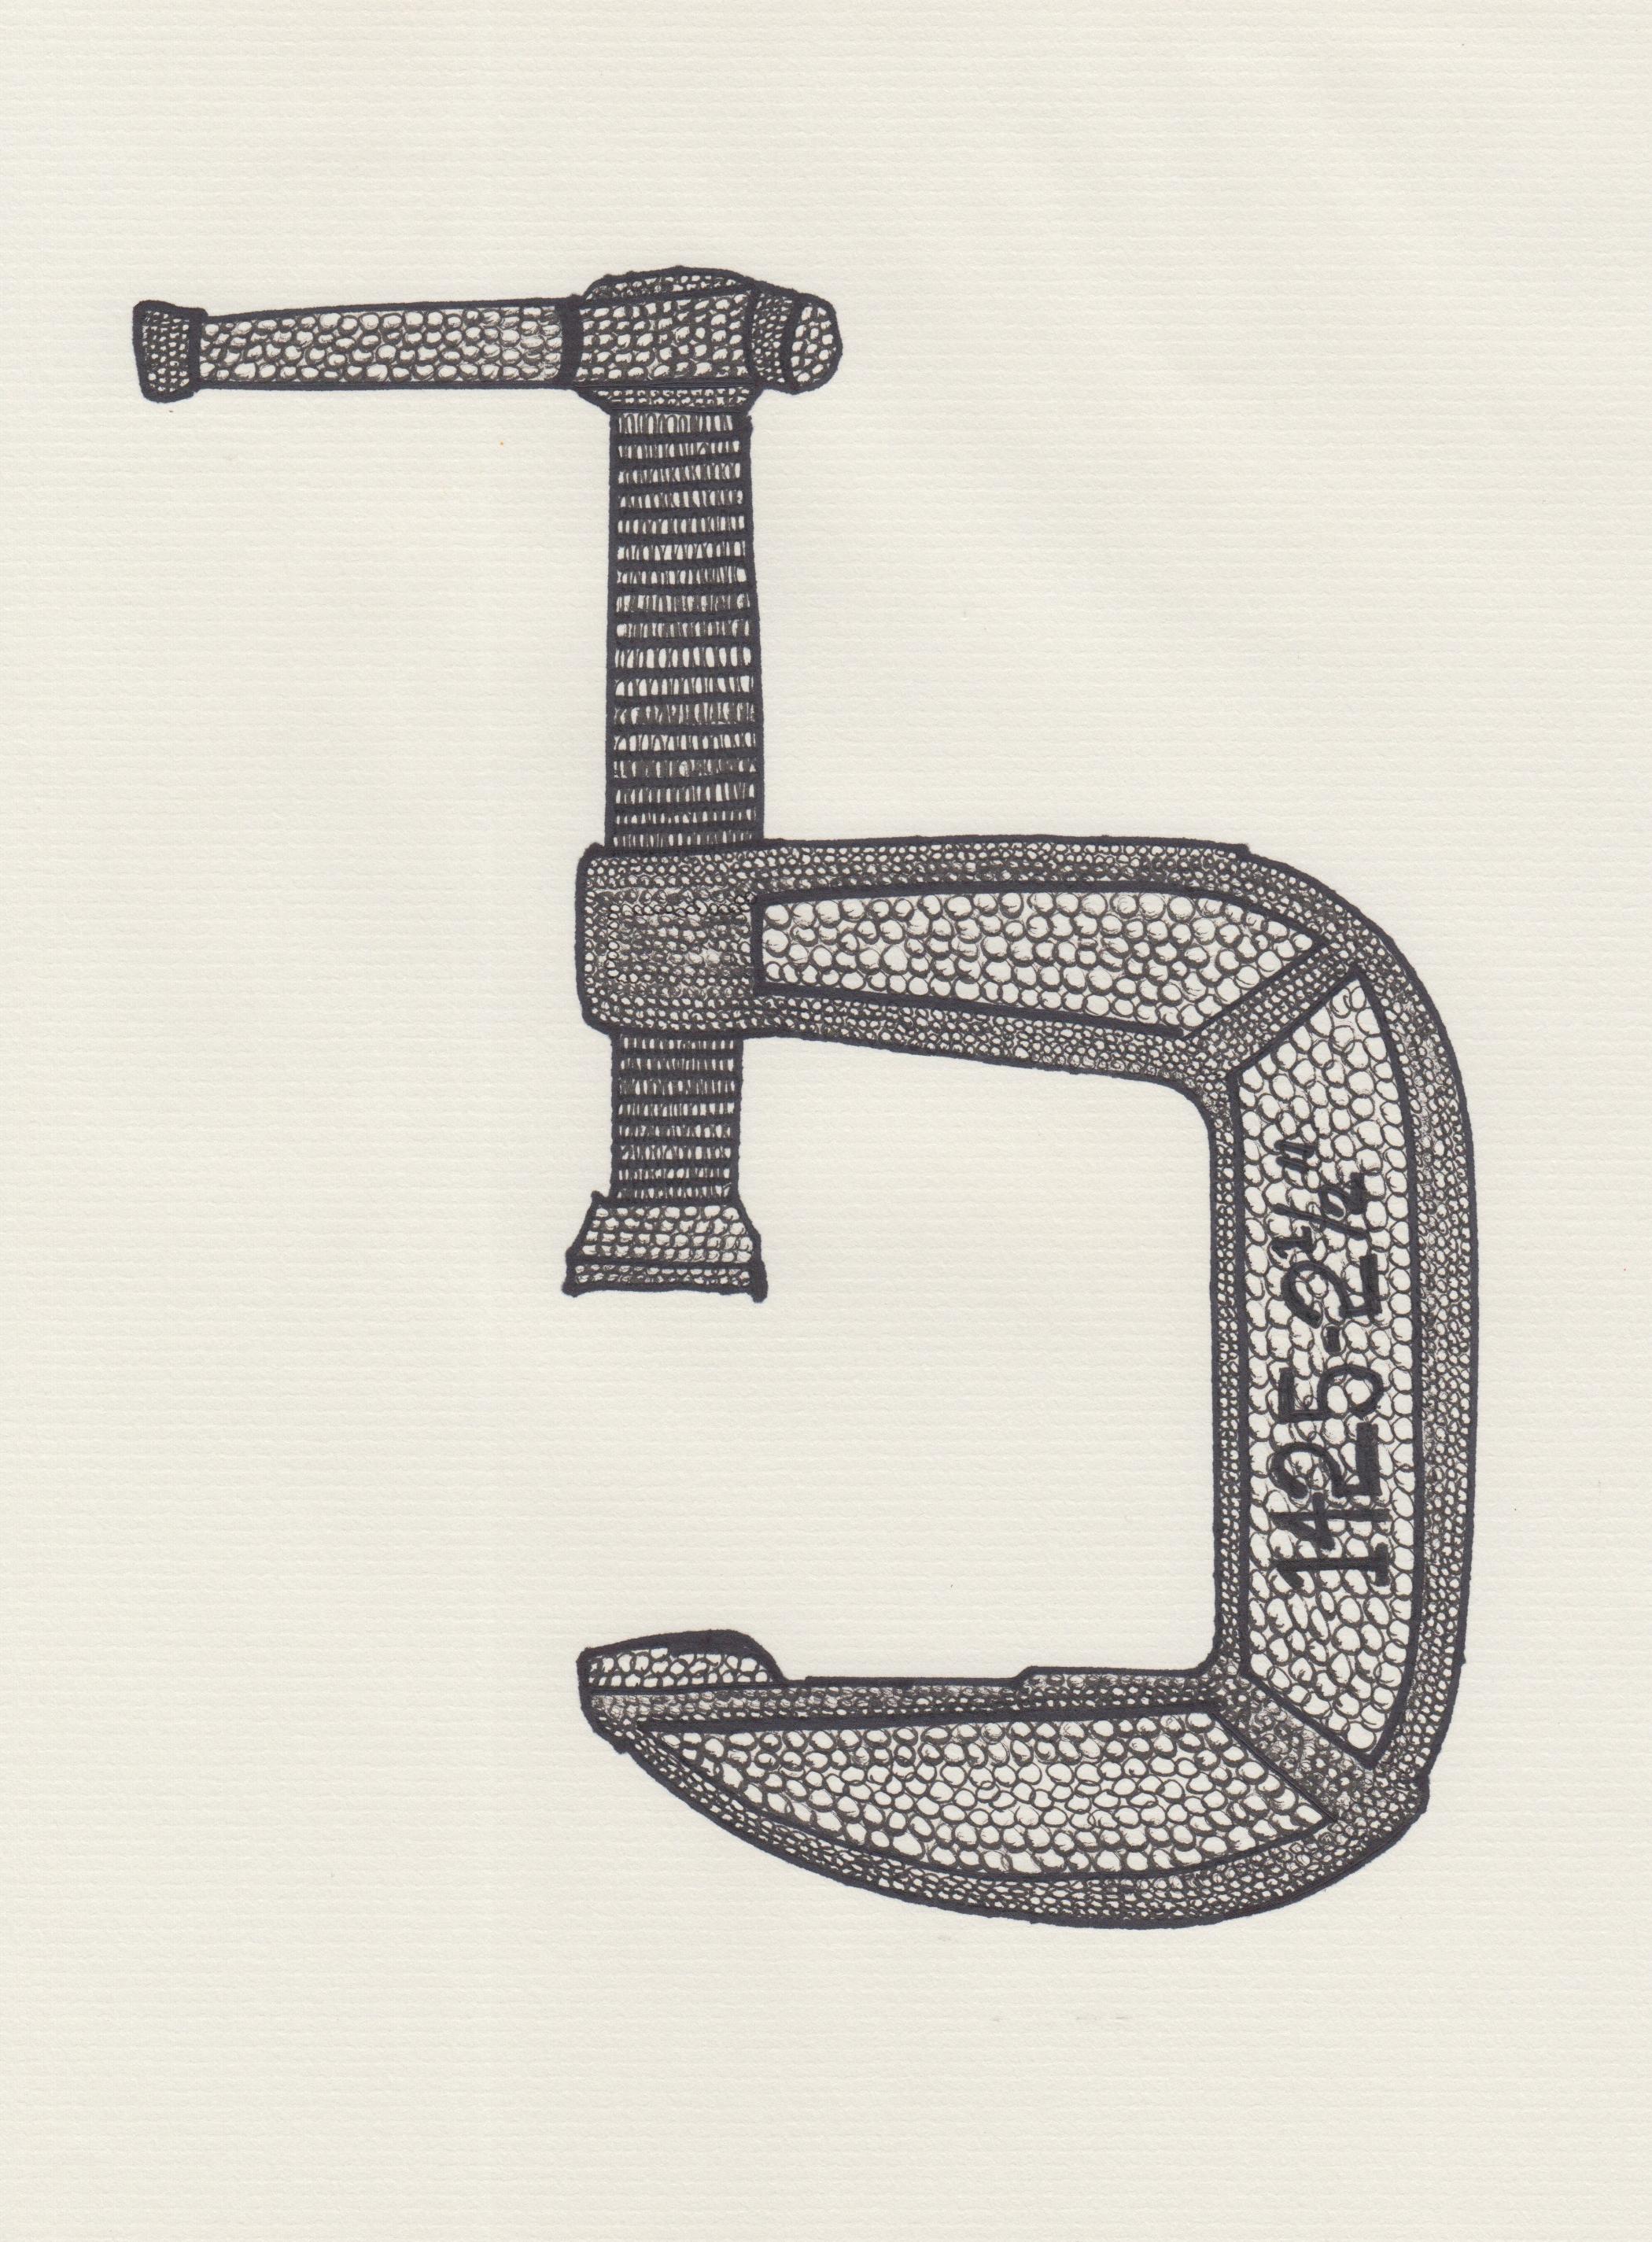 C-clamp